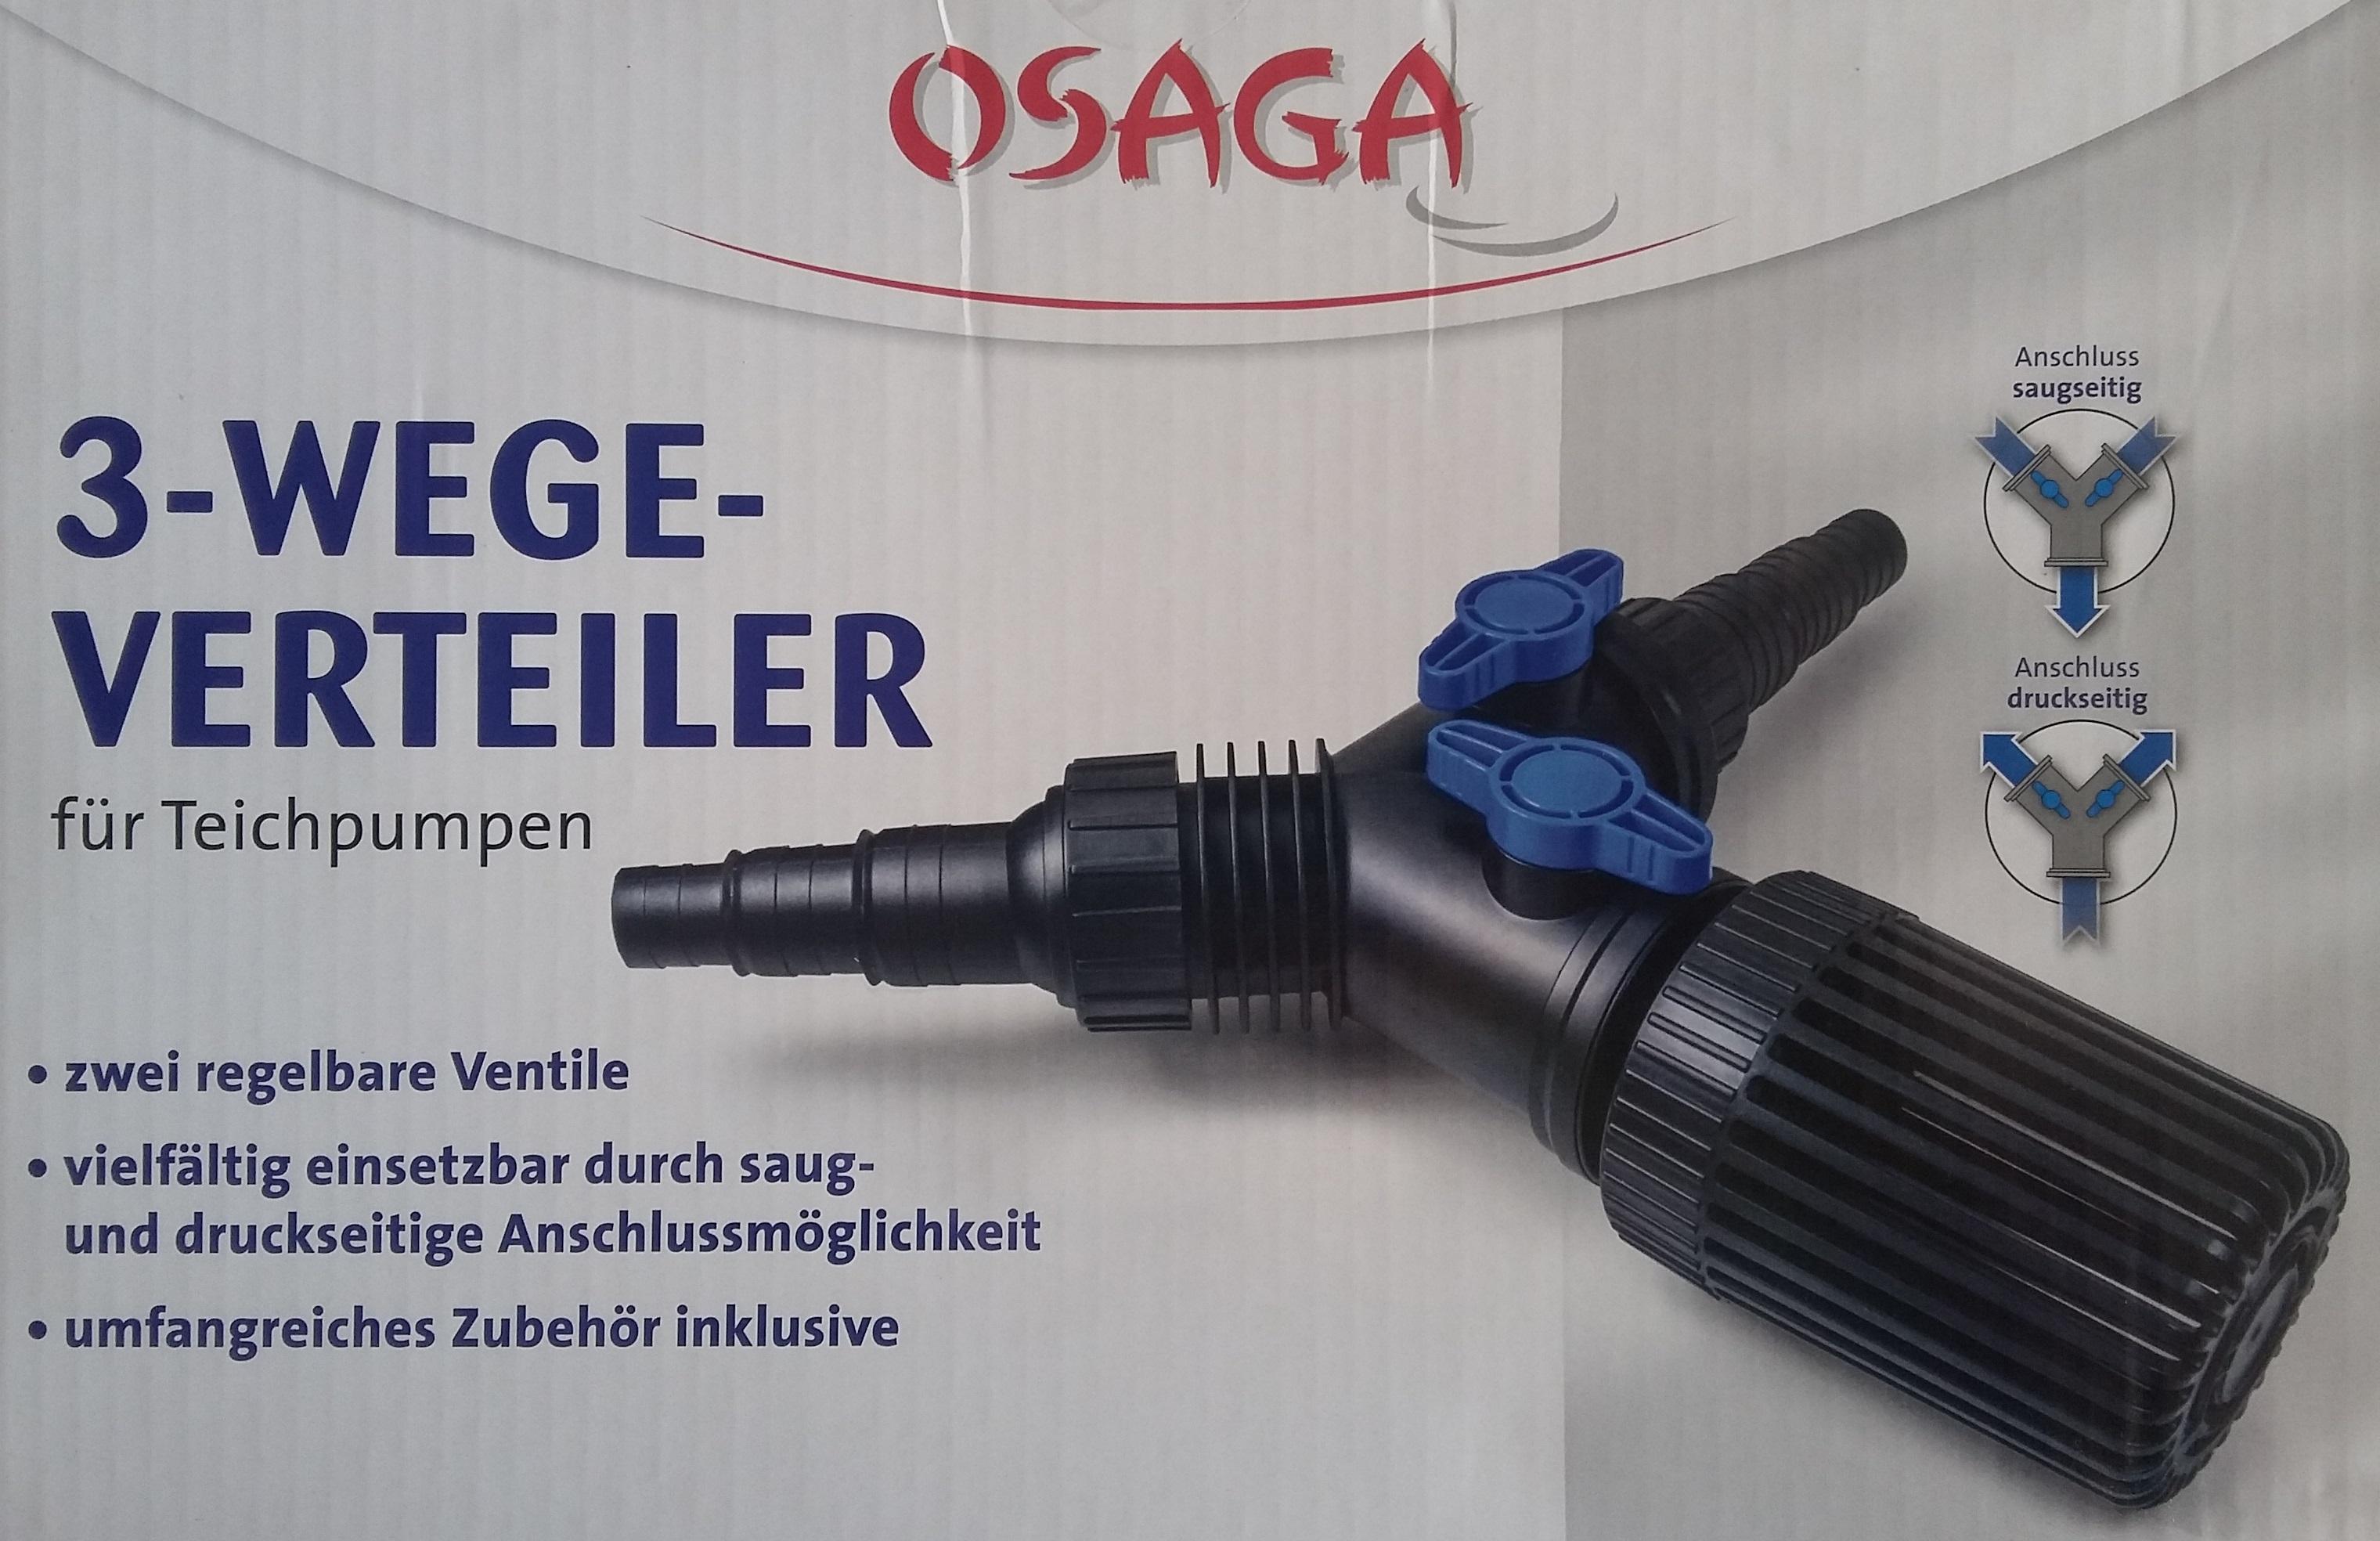 OSAGA 3-Wege-Verteiler für Teichpumpen